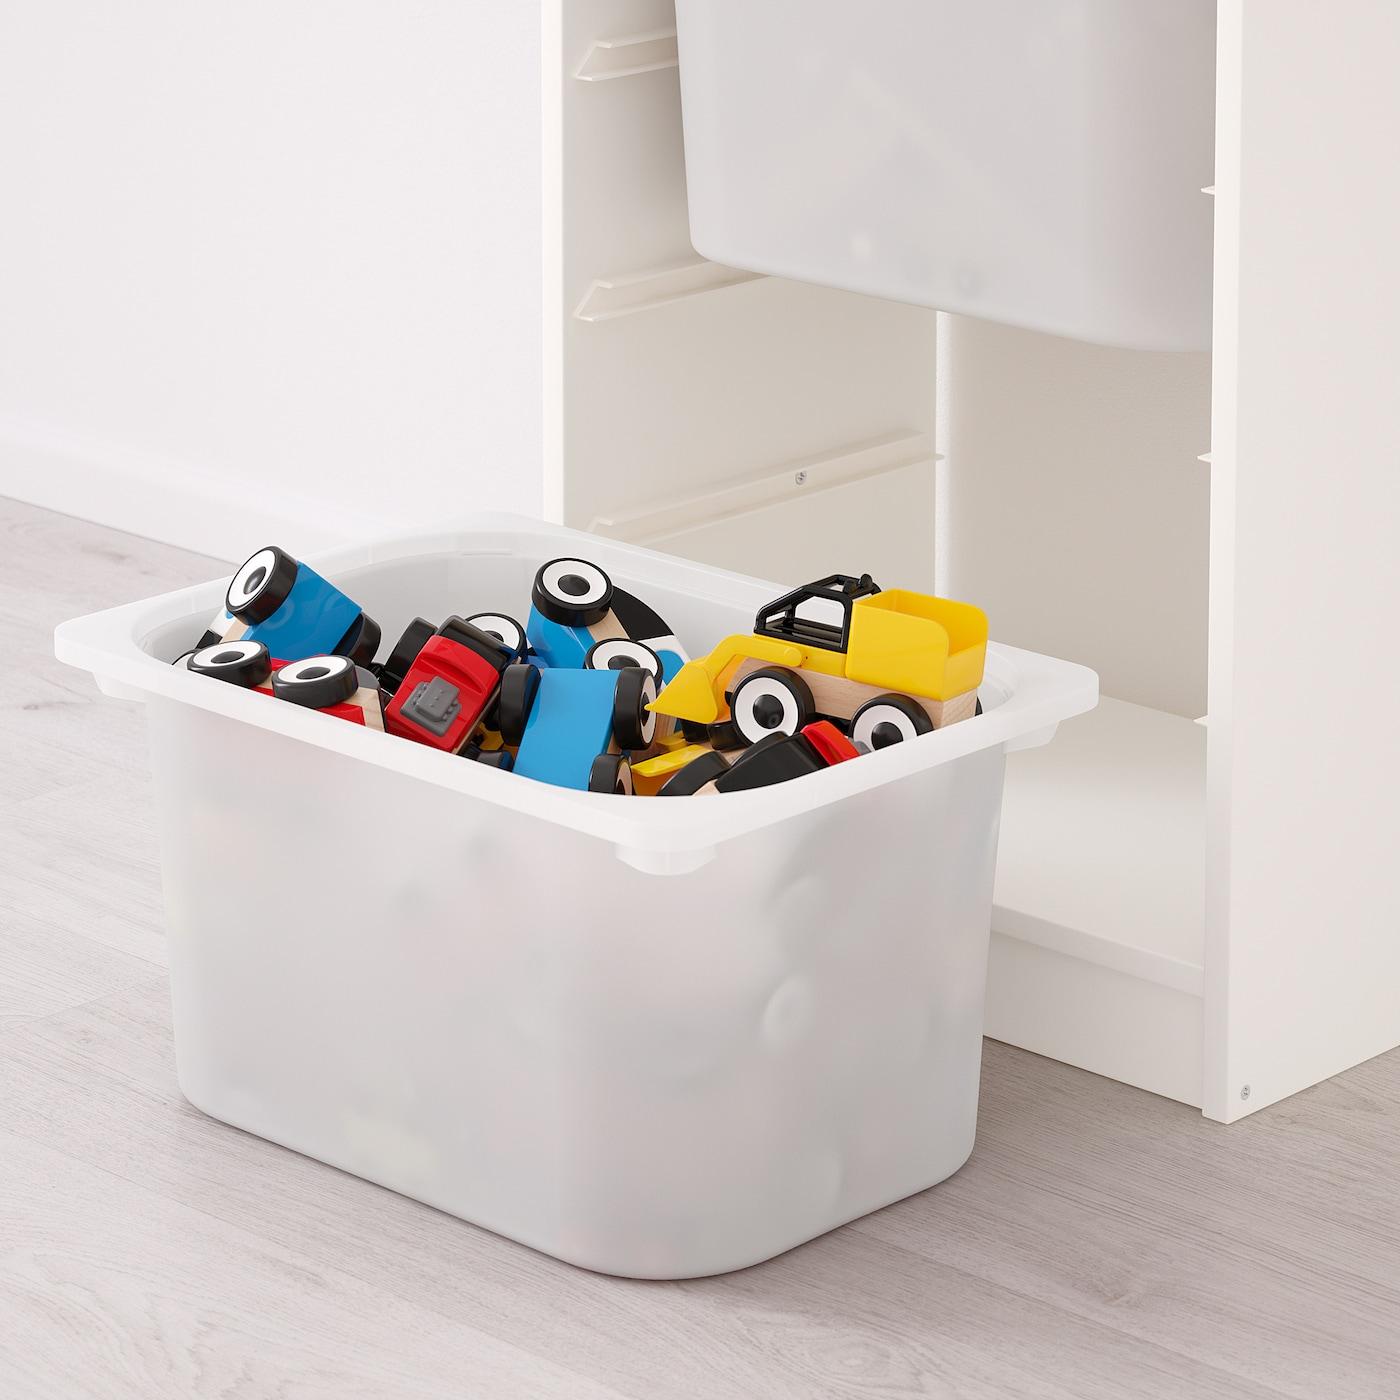 TROFAST ТРУФАСТ Комбінація для зберіган +контейнери - білий/зелений білий 46x30x94 см